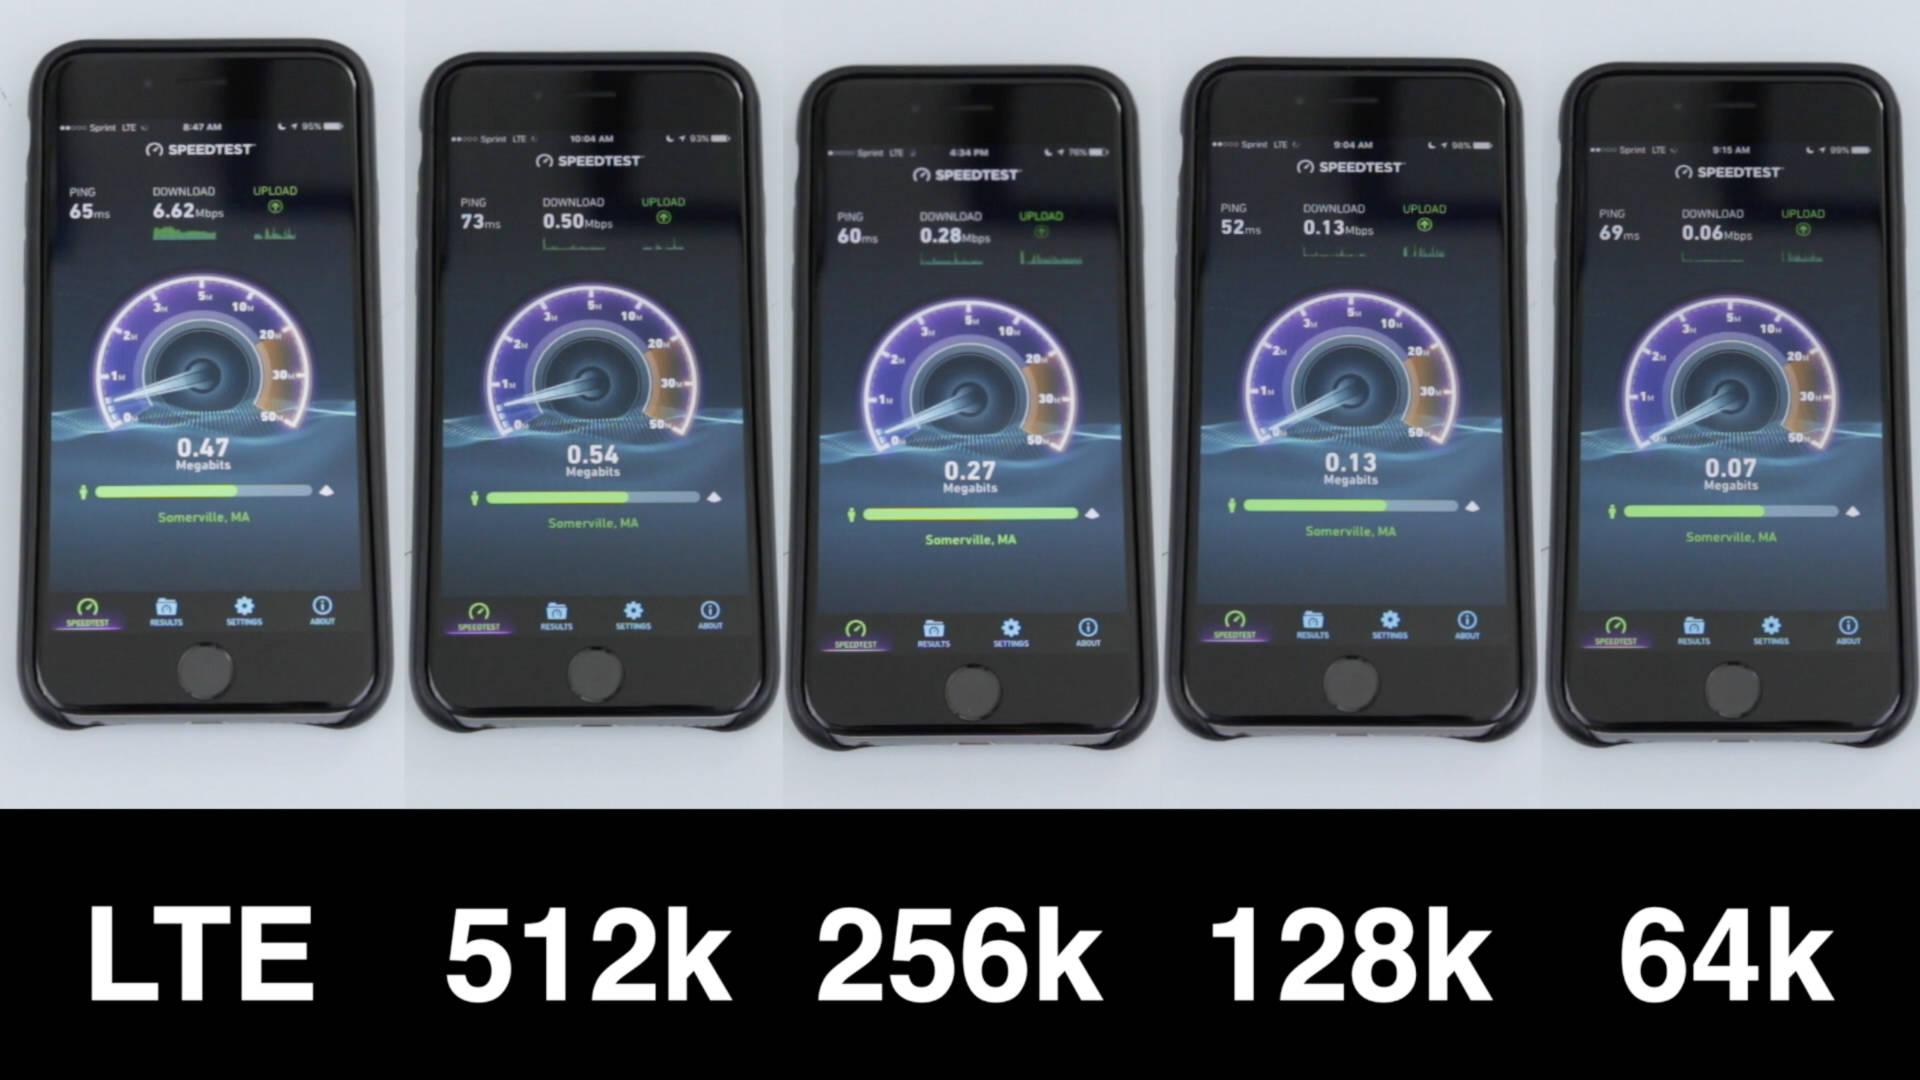 cellular data speed test comparing LTE vs 3G vs 2G data speeds